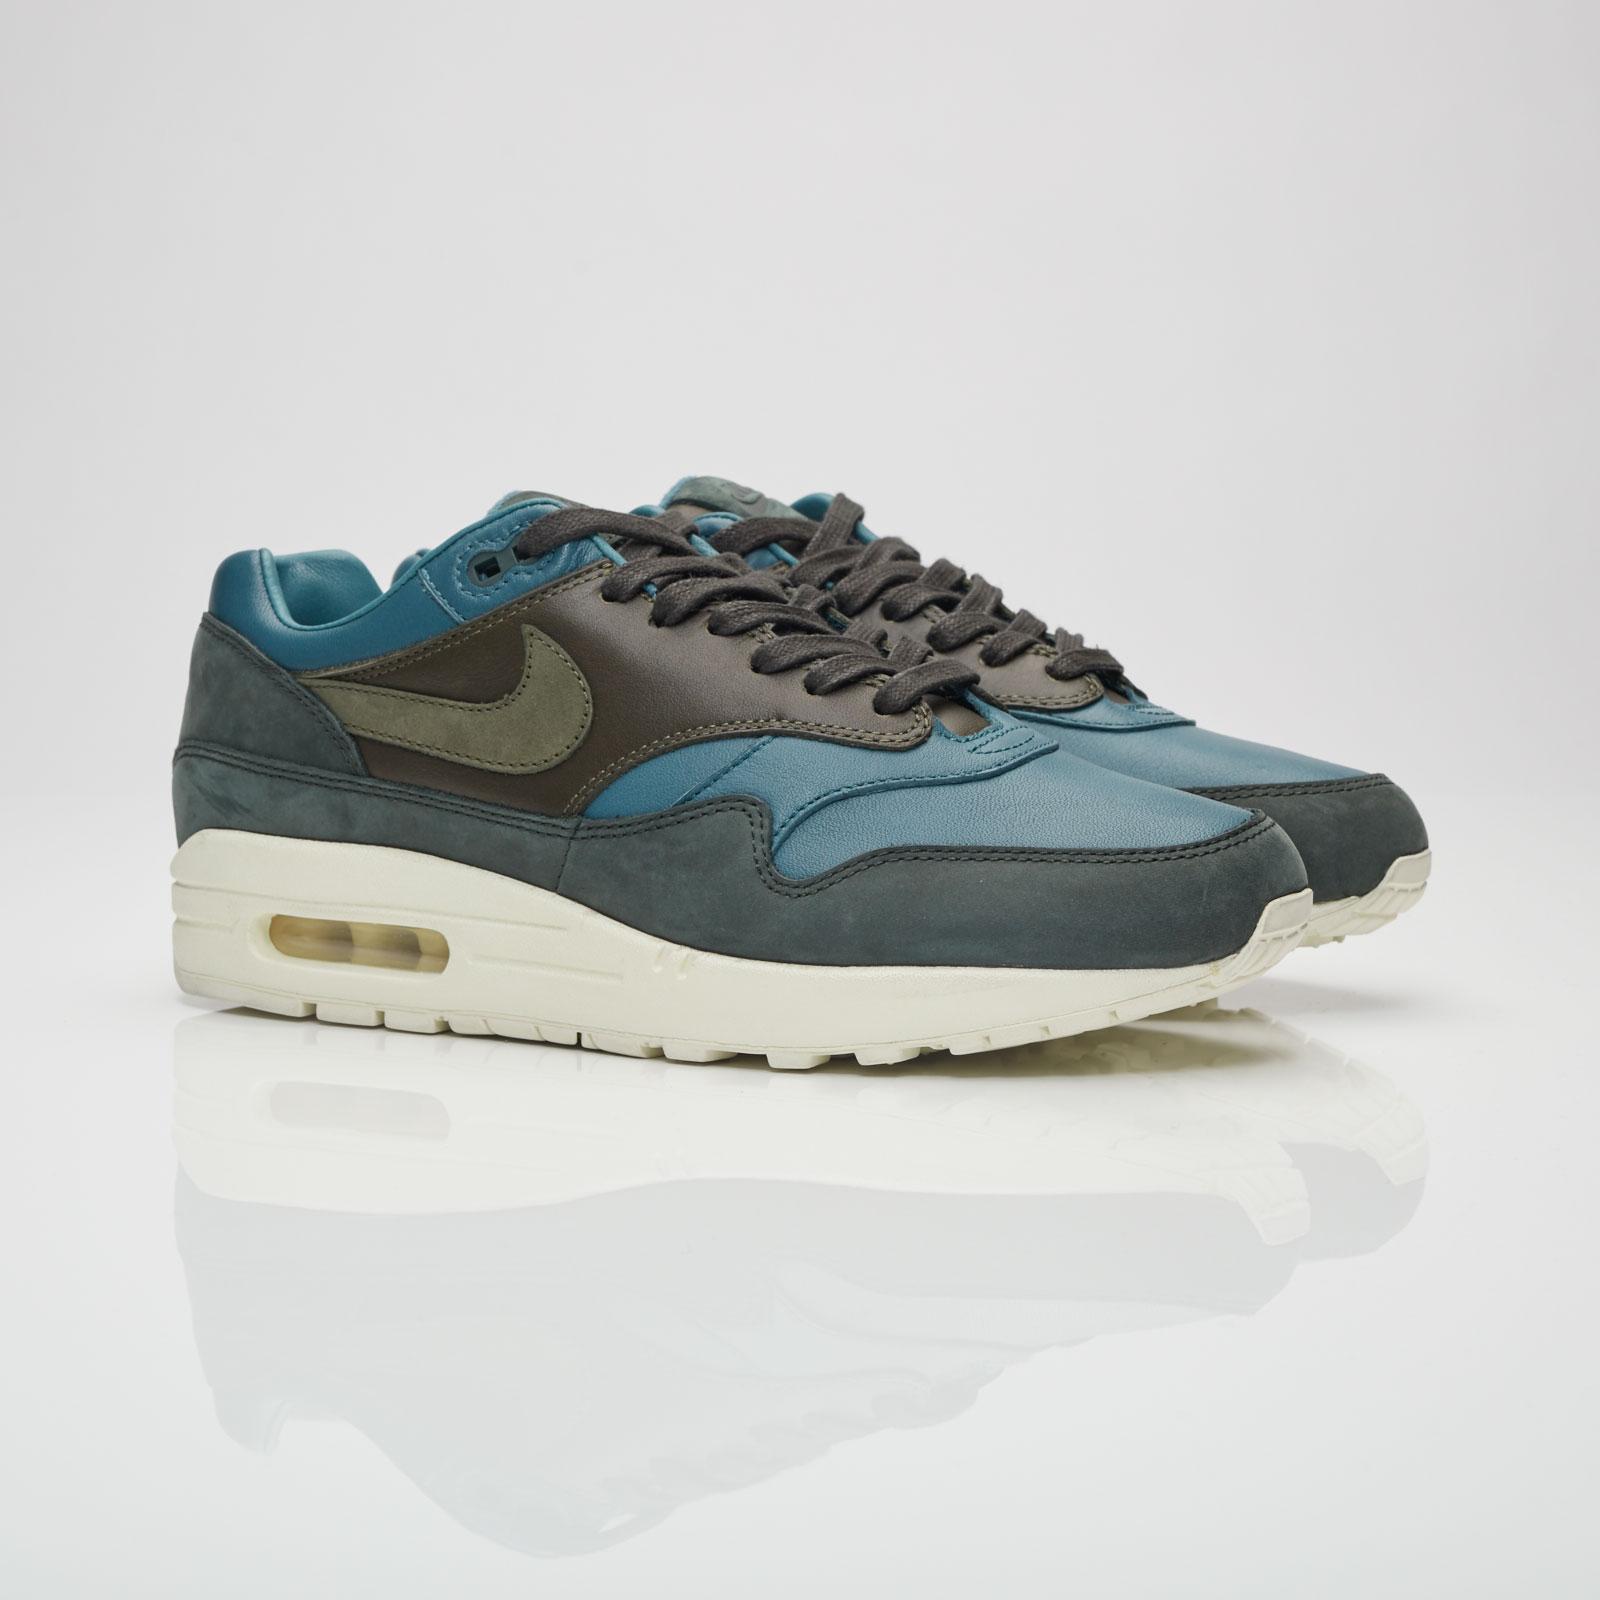 Nike Air Max 1 Pinnacle 859554 300 Sneakersnstuff